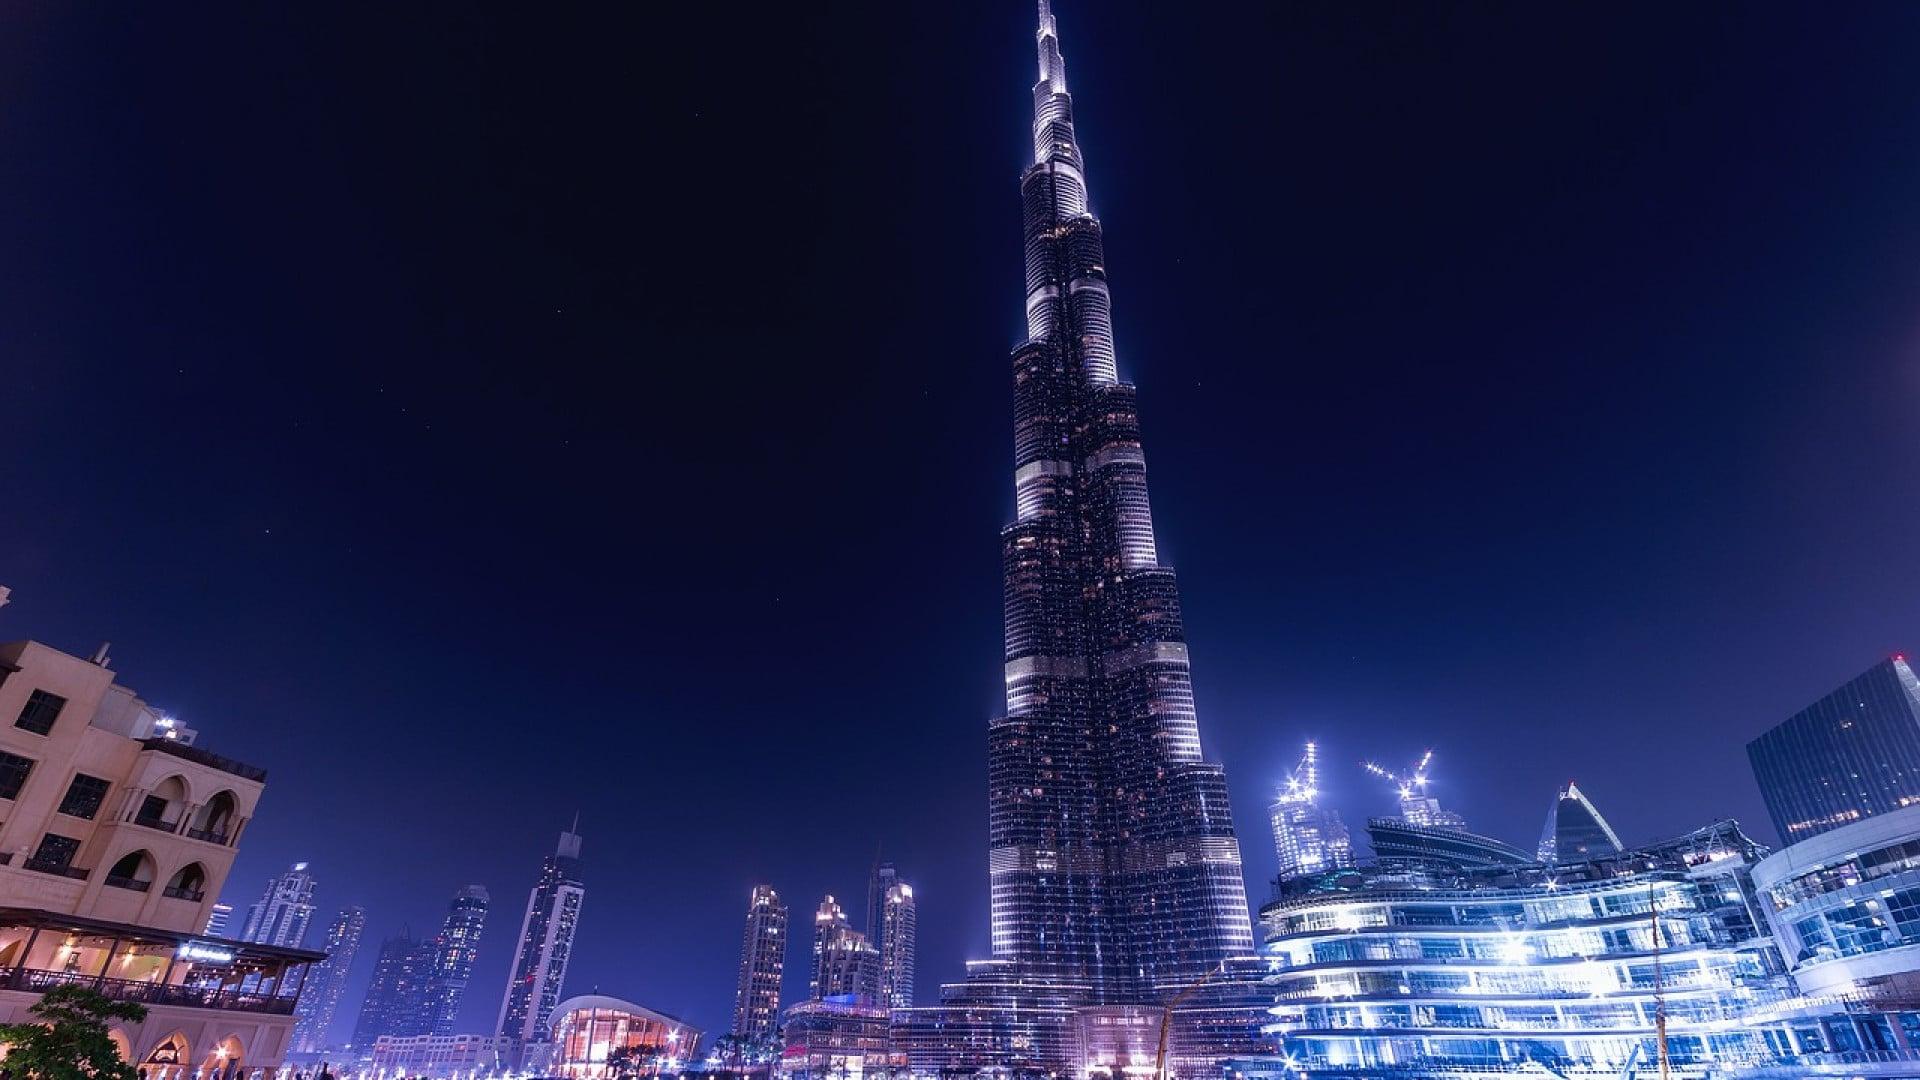 Partez à la découverte la montagne Hatta à Dubaï !